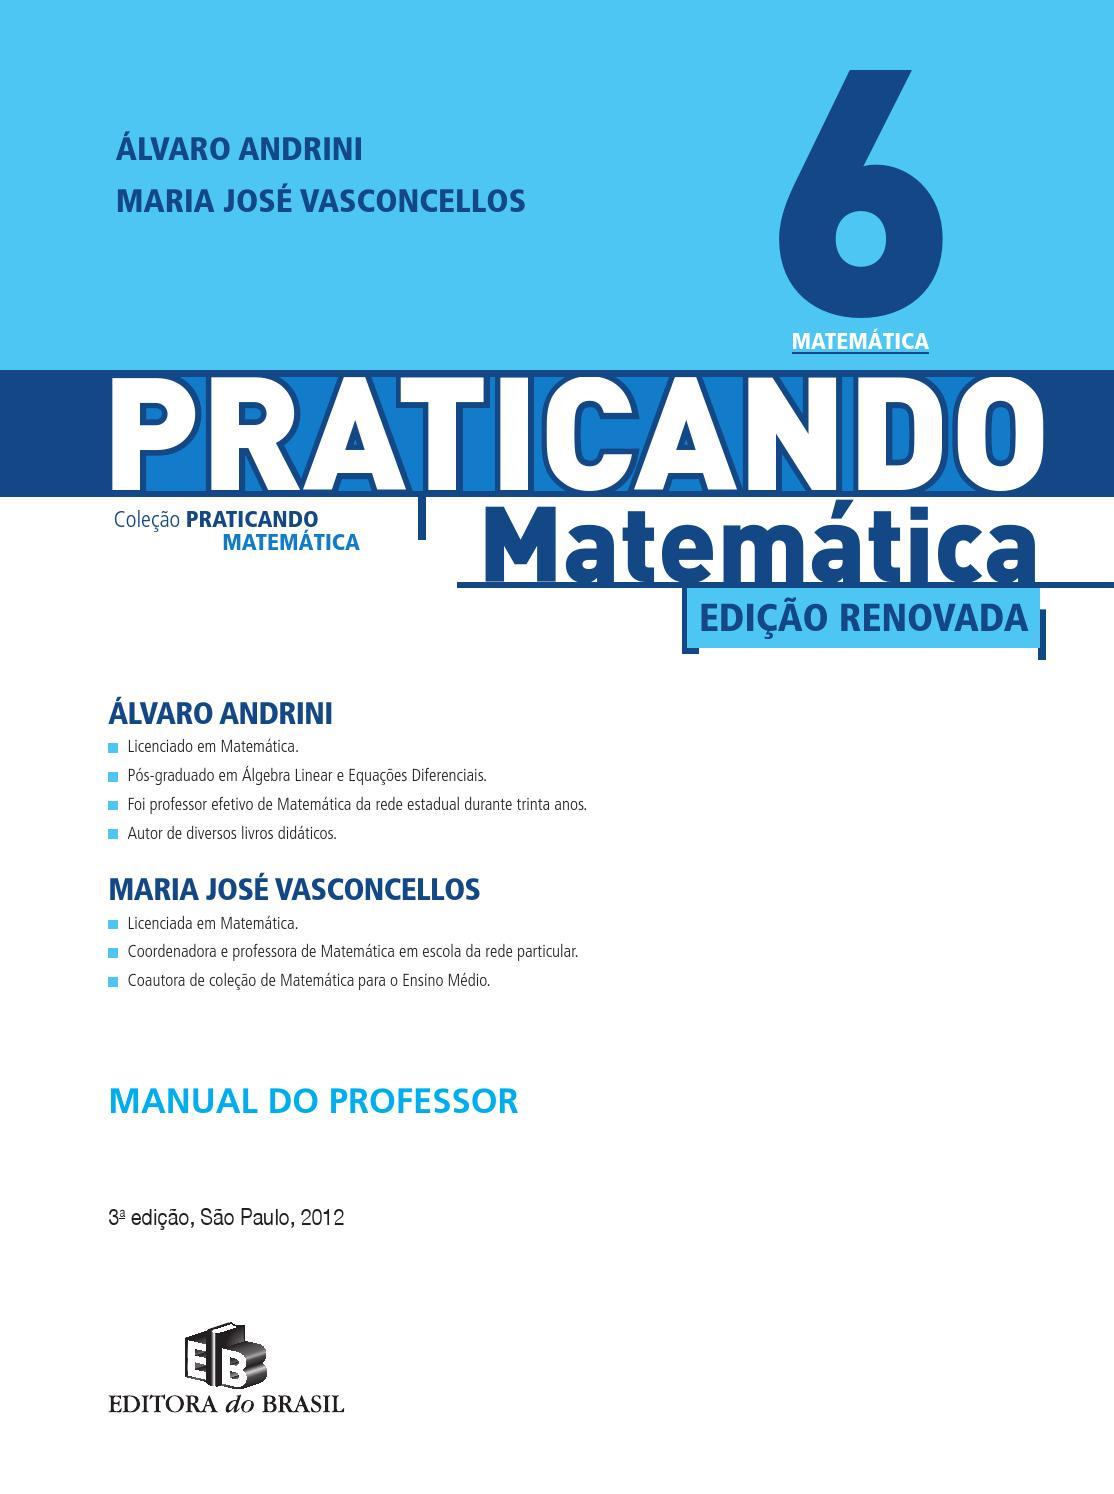 1b4d78390 Praticando matematica 6ano by ronaldo.cardoso - issuu